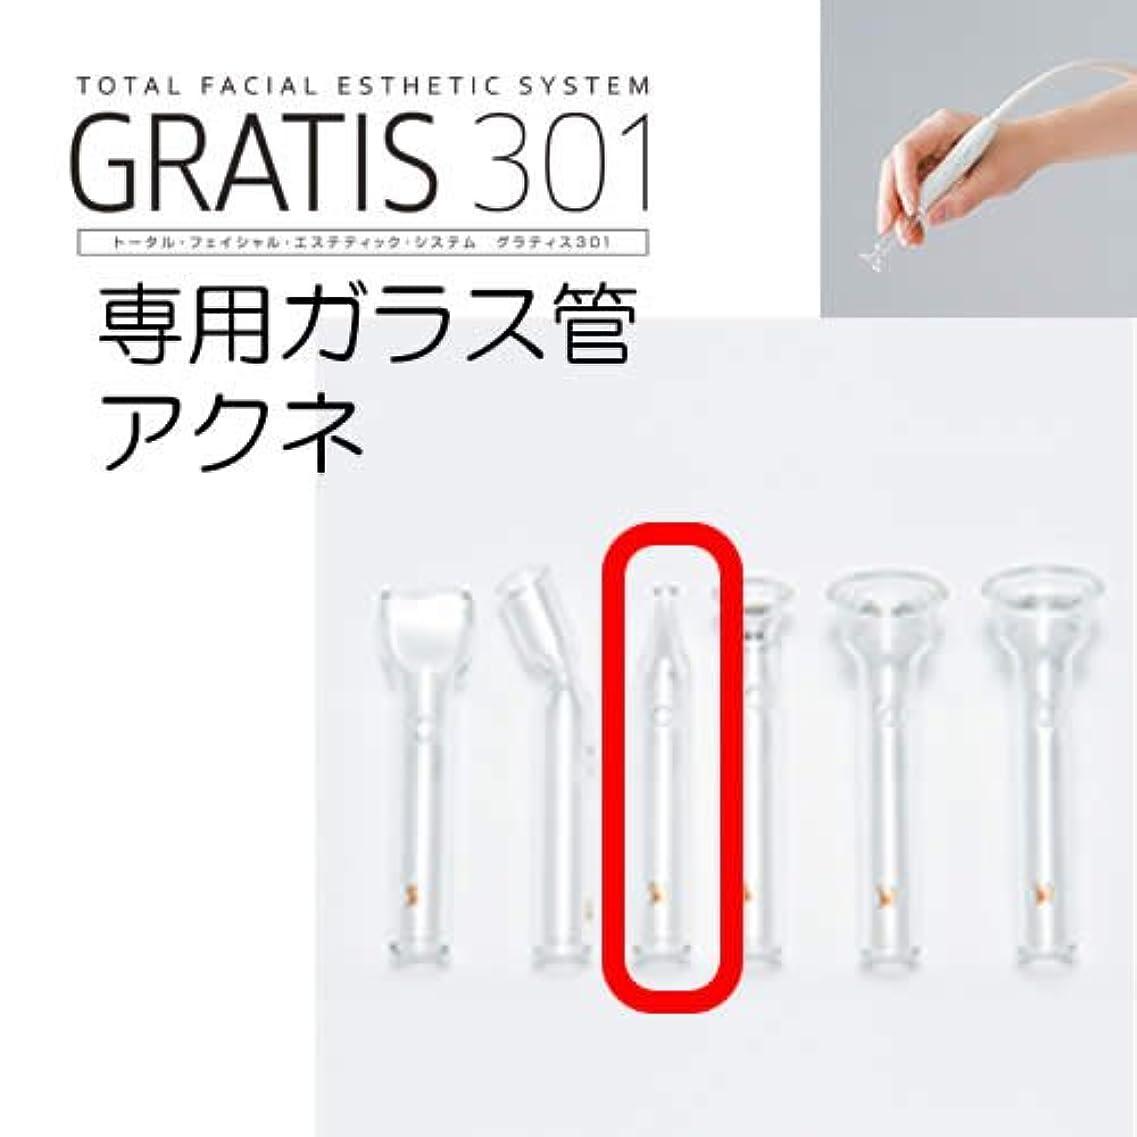 反対破壊的お金GRATIS 301(グラティス301)専用ガラス管 アクネ(2本セット)